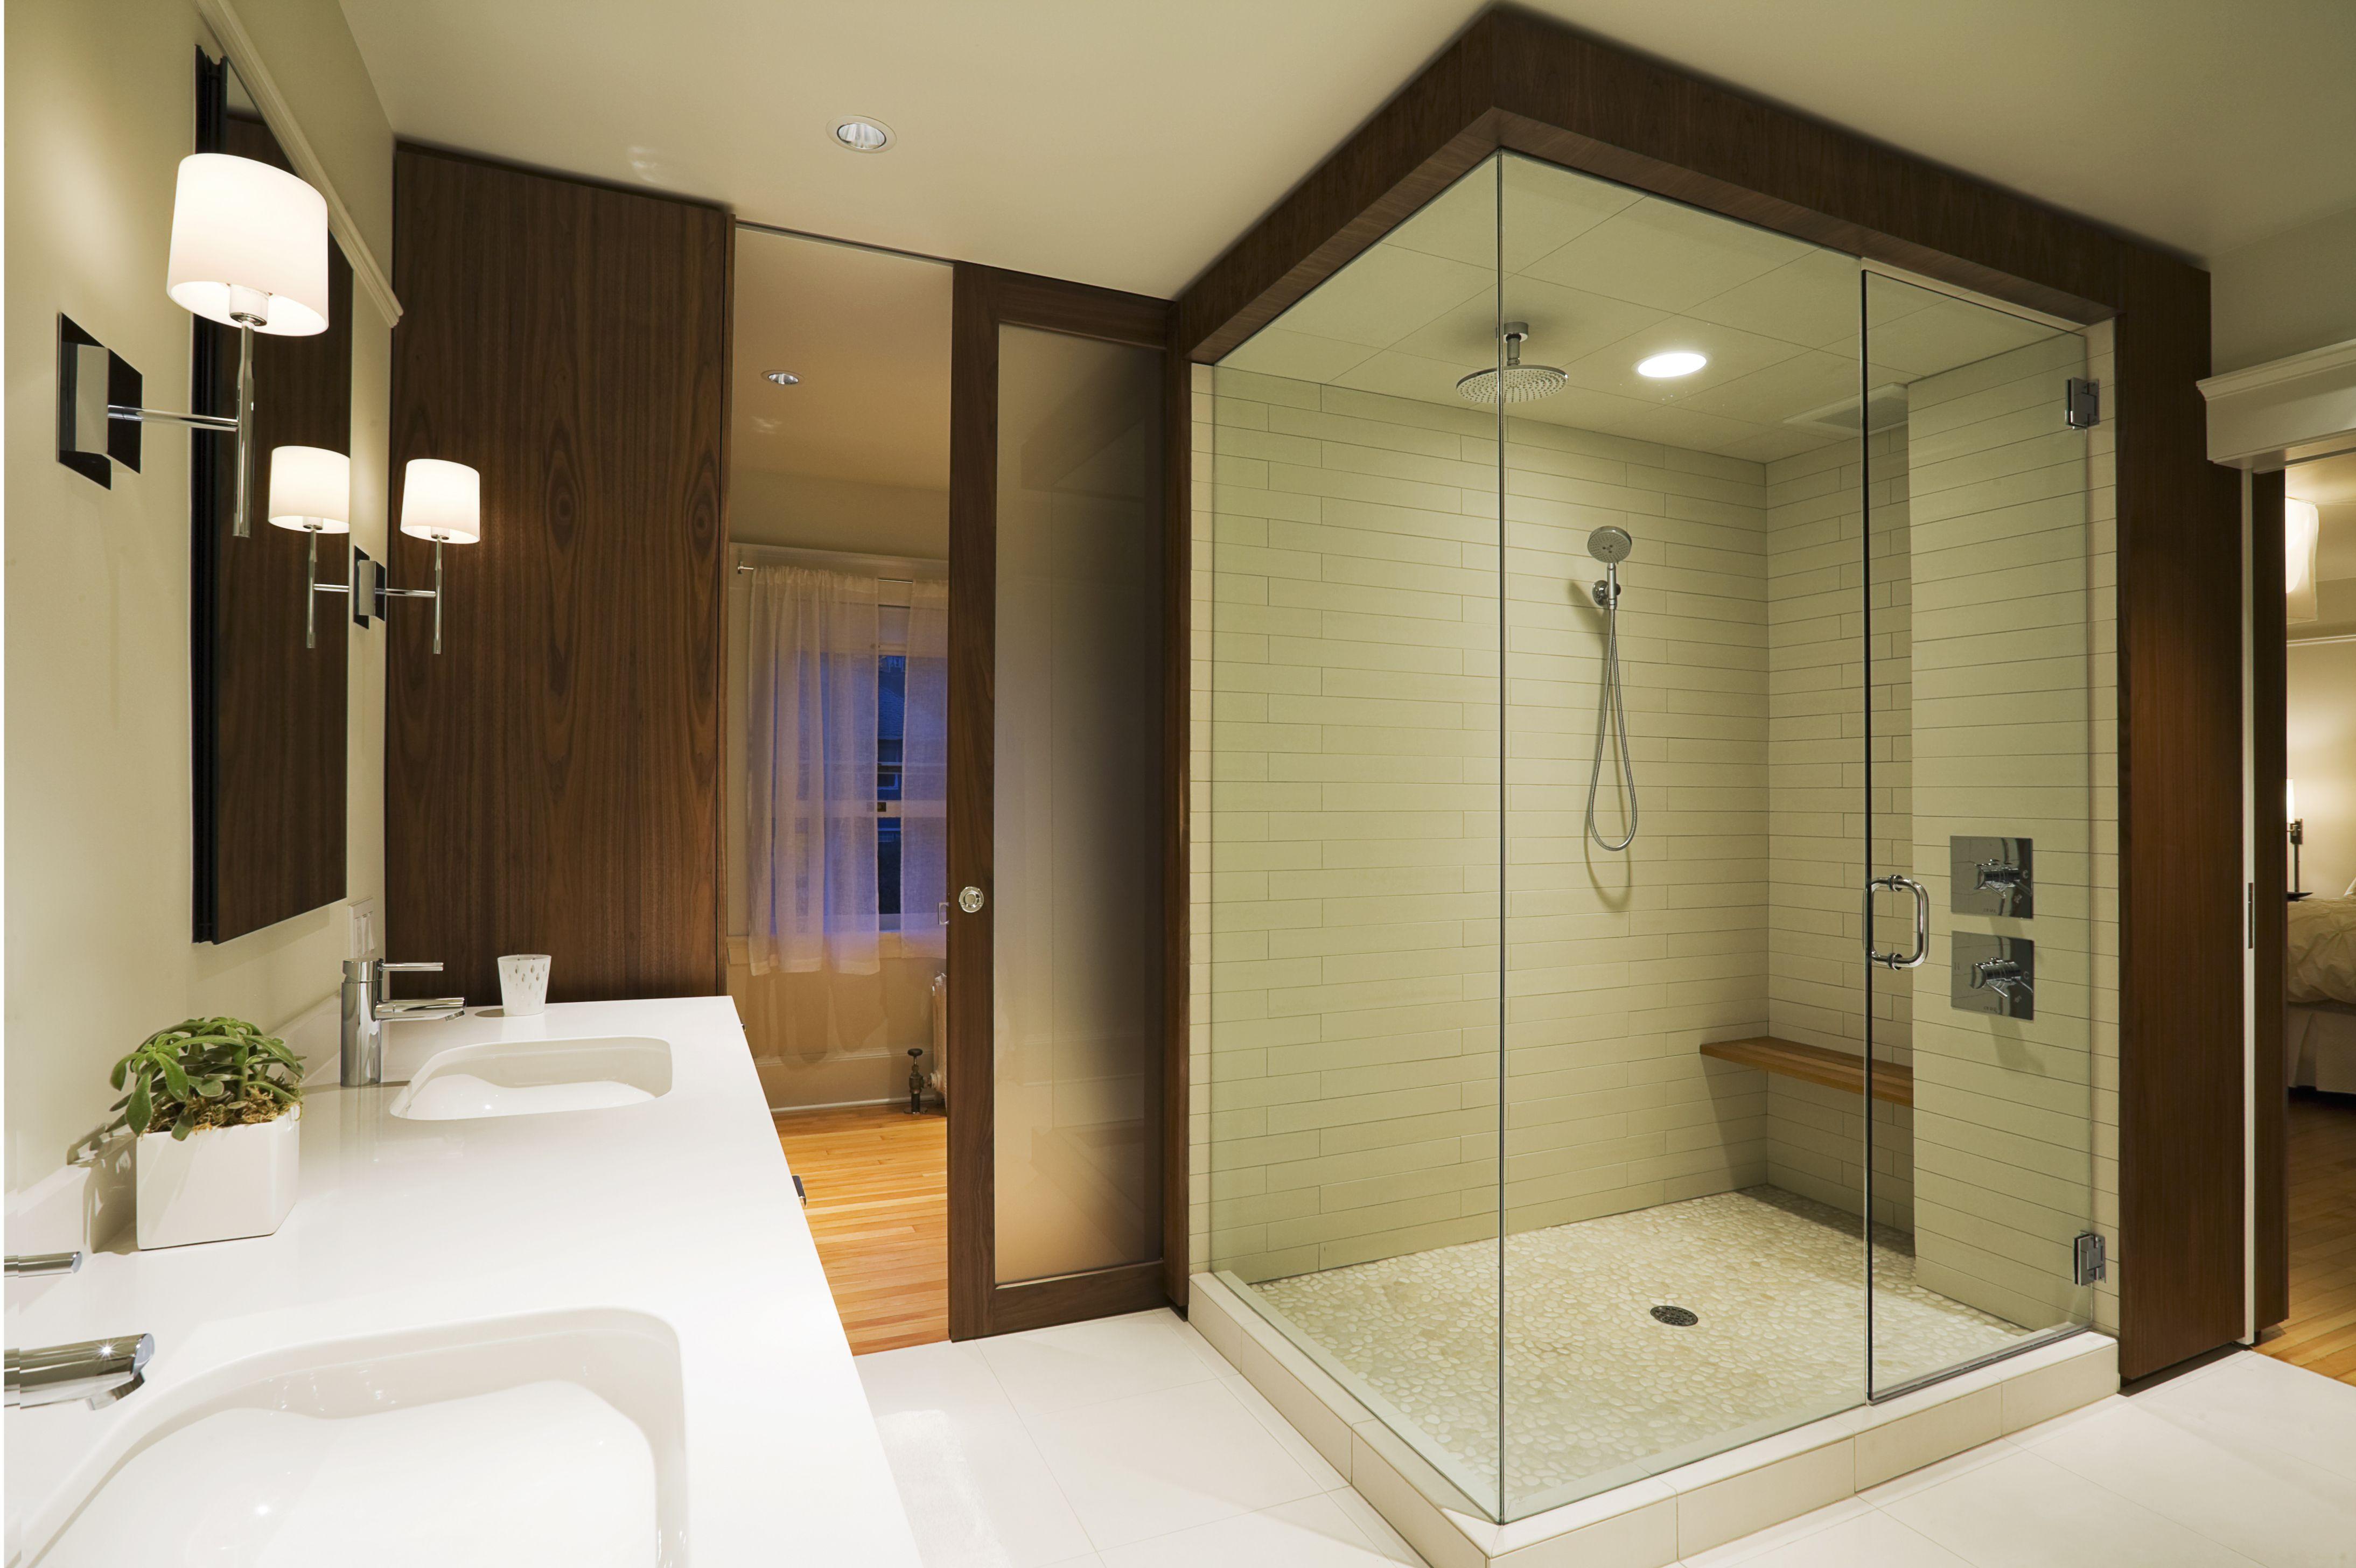 Platos de ducha, reformas de baños y cocinas: Catálogo de Reformas y Construcciones J.A. Ortiz